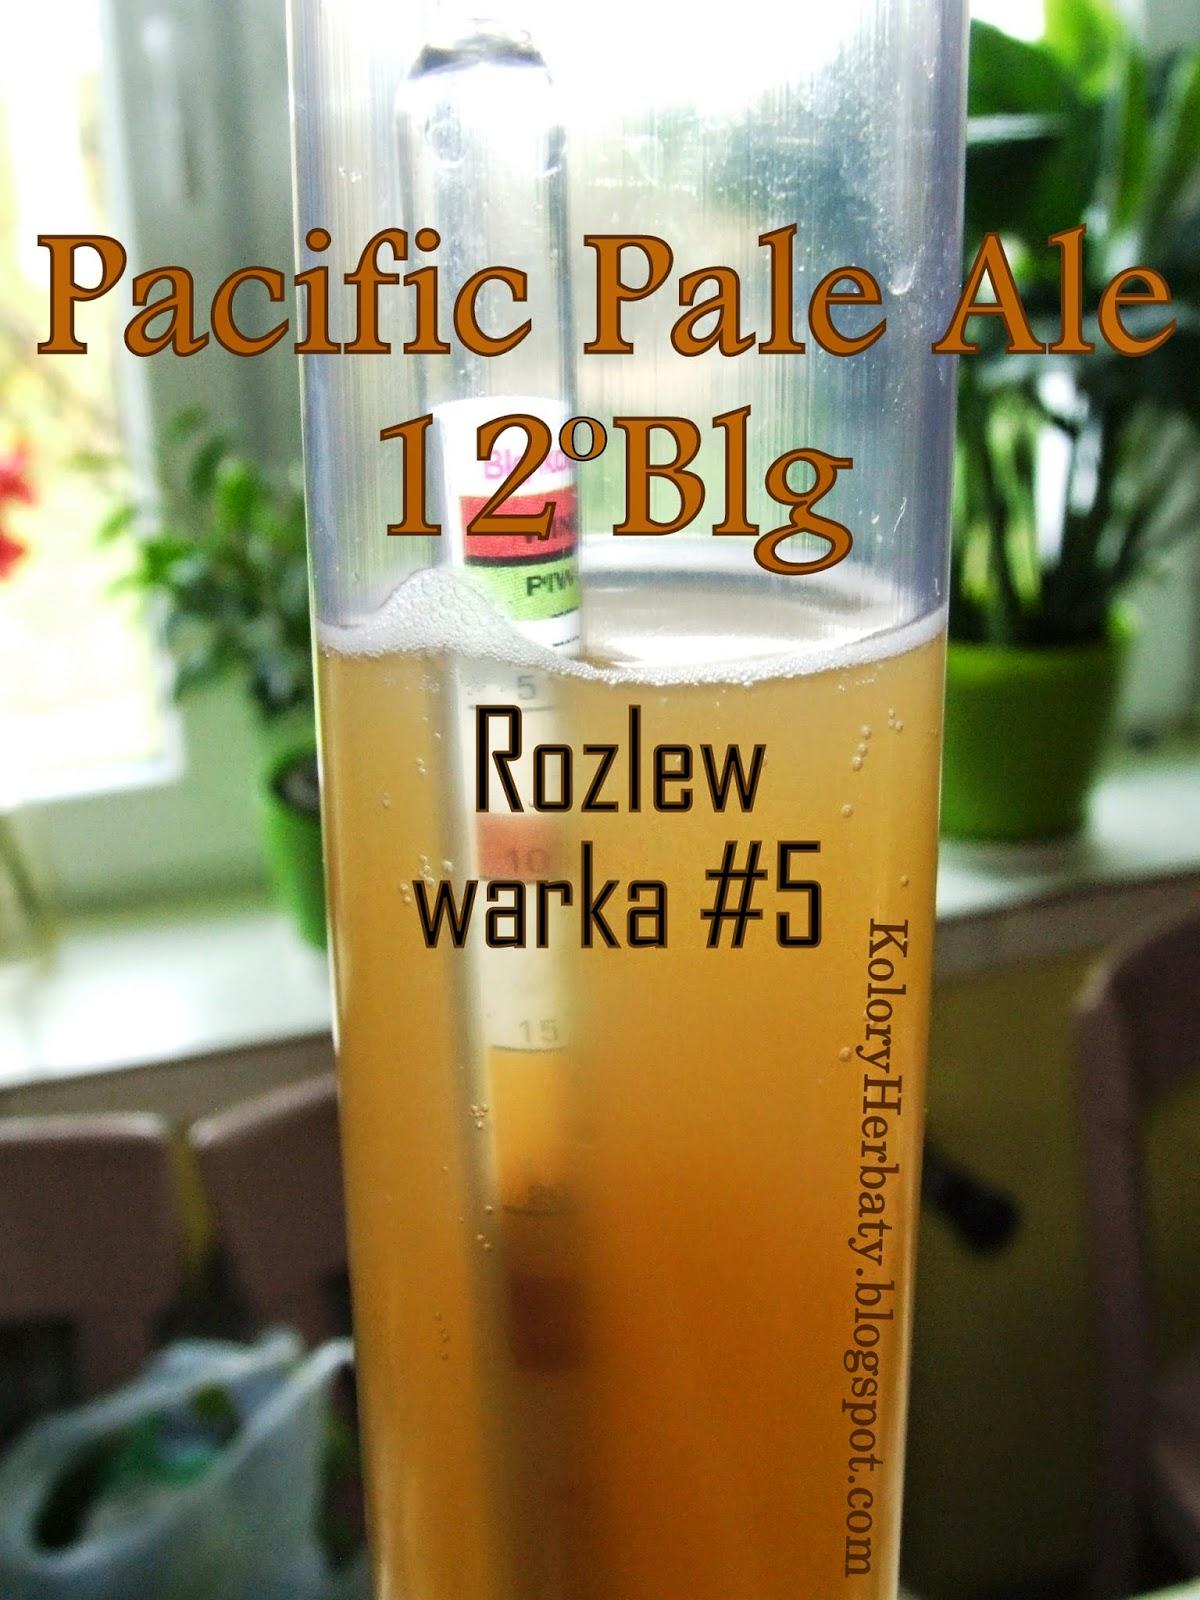 Pacyfic Pale Ale 12Blg rozlew i kapslowanie piwa